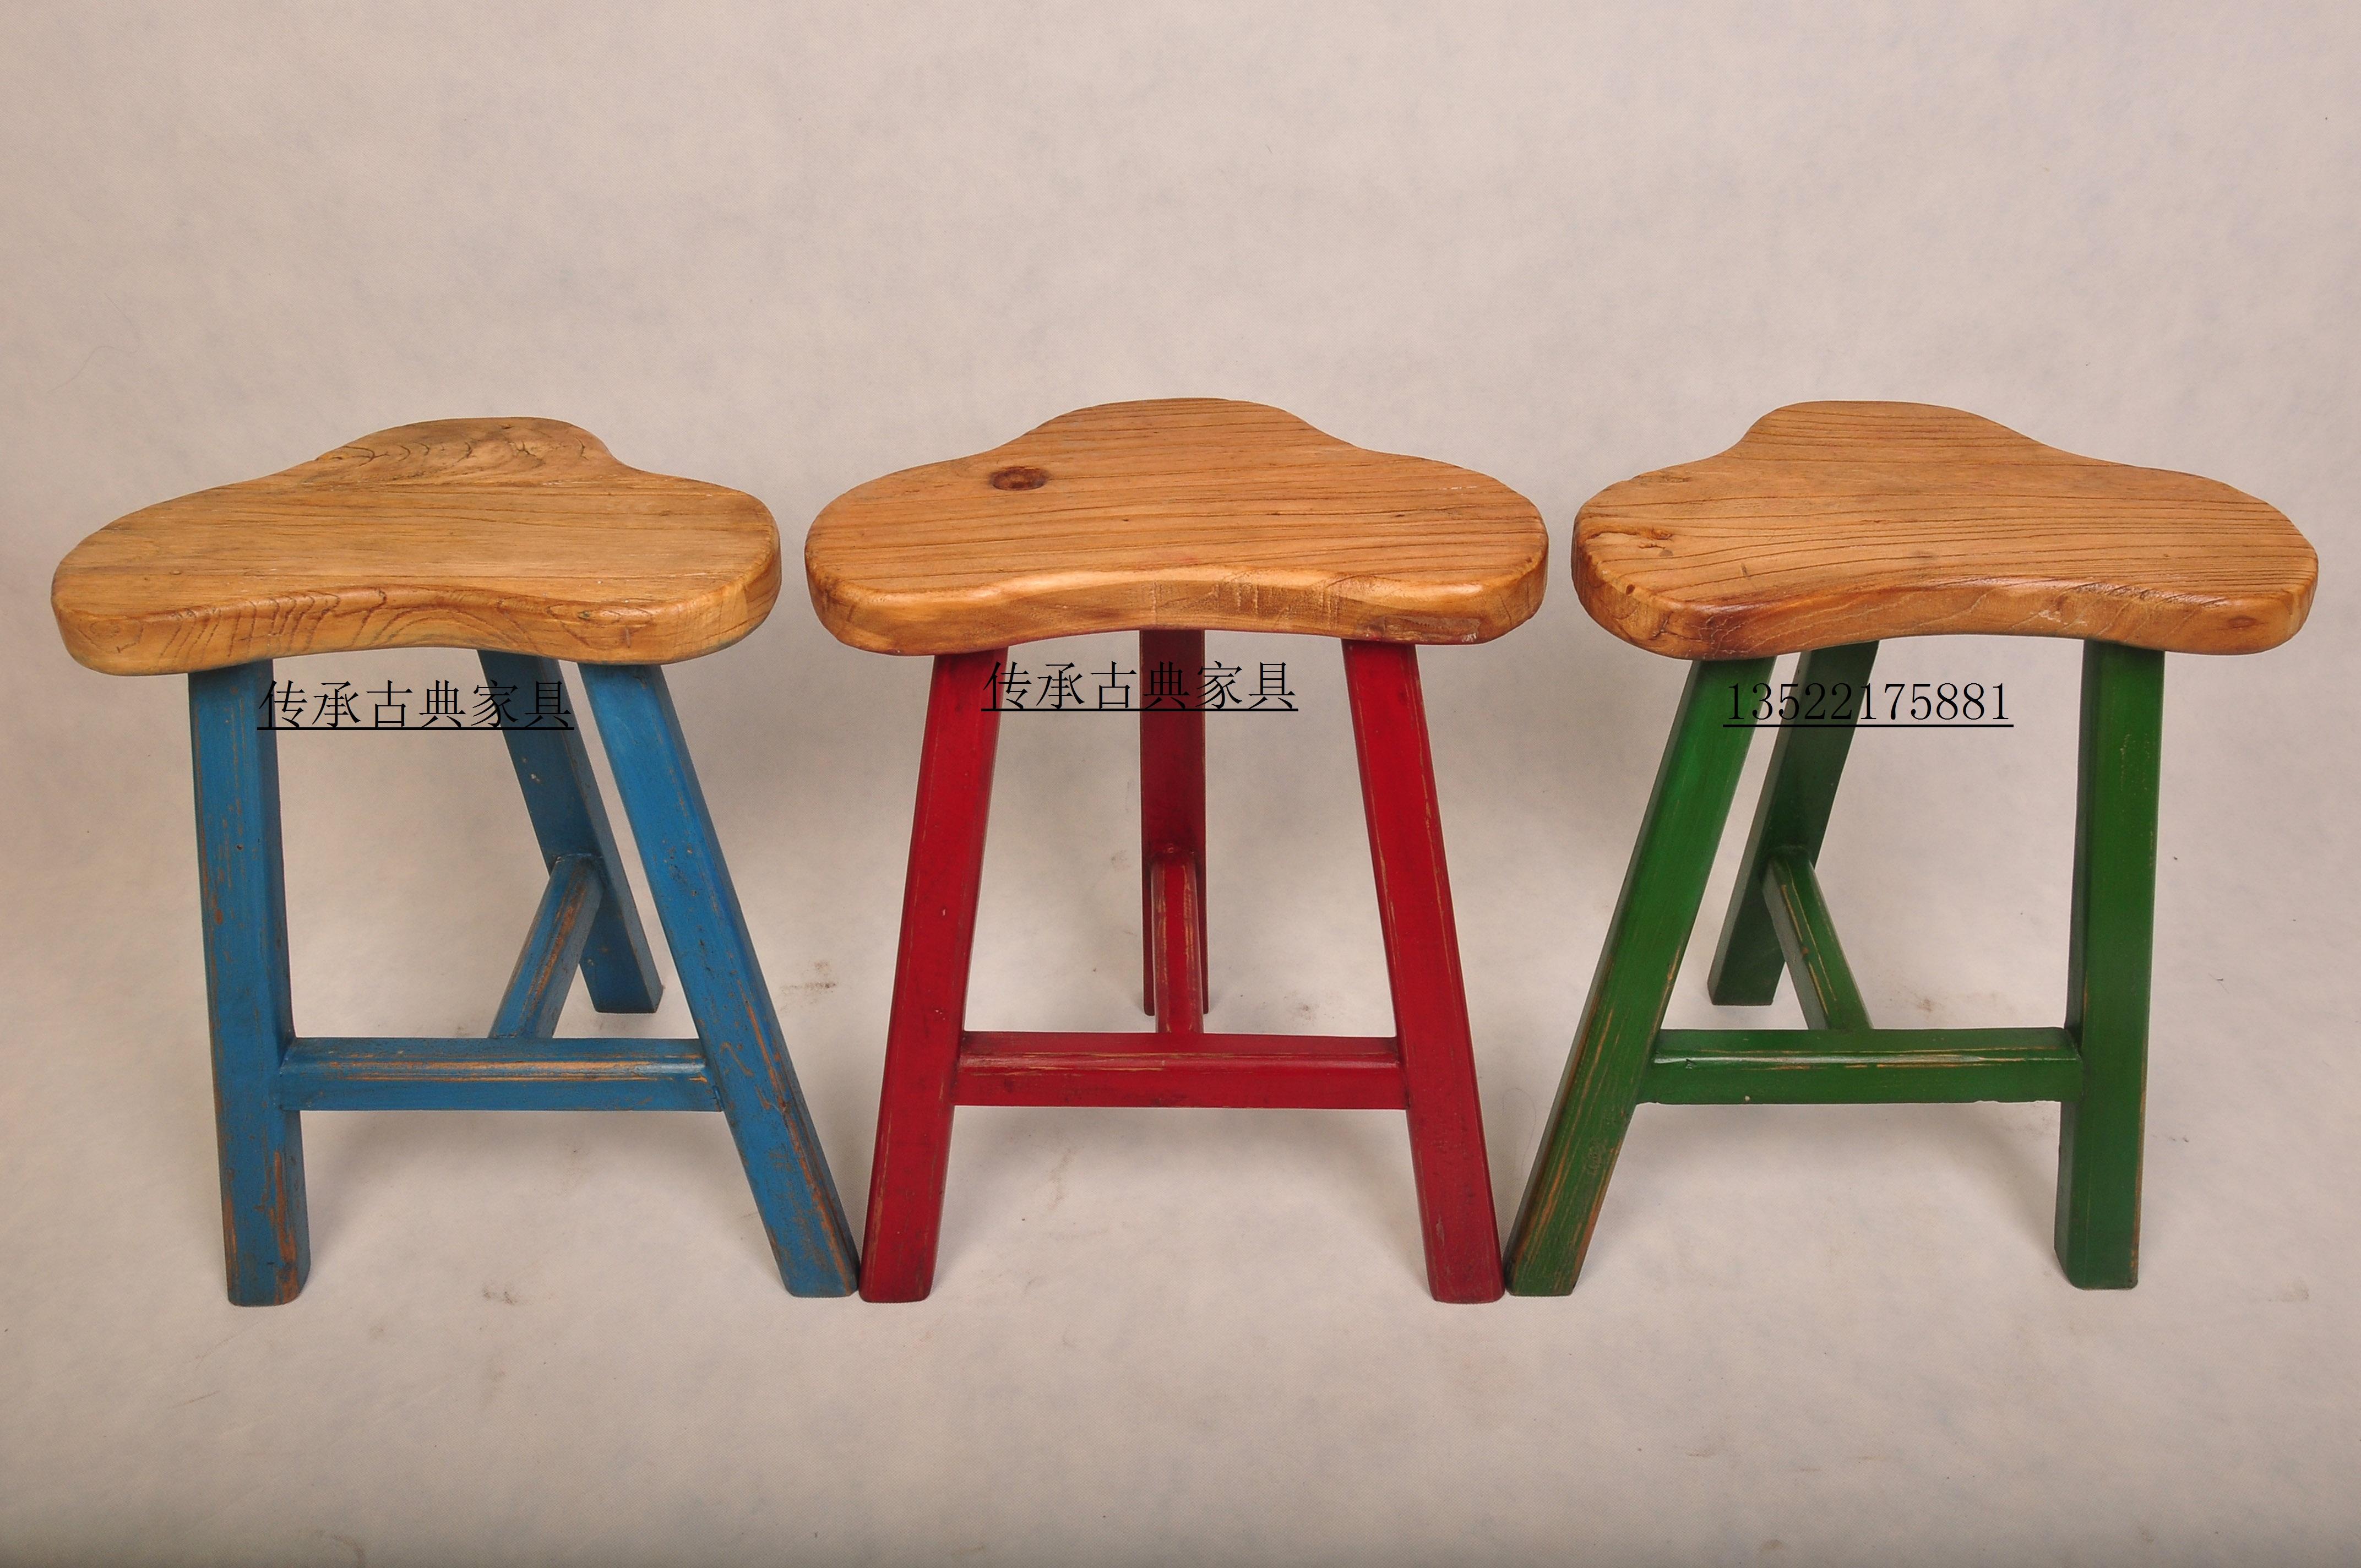 名称:彩色中式梅花凳实木小板凳时尚创意小凳子实木凳子儿童凳榆木图片